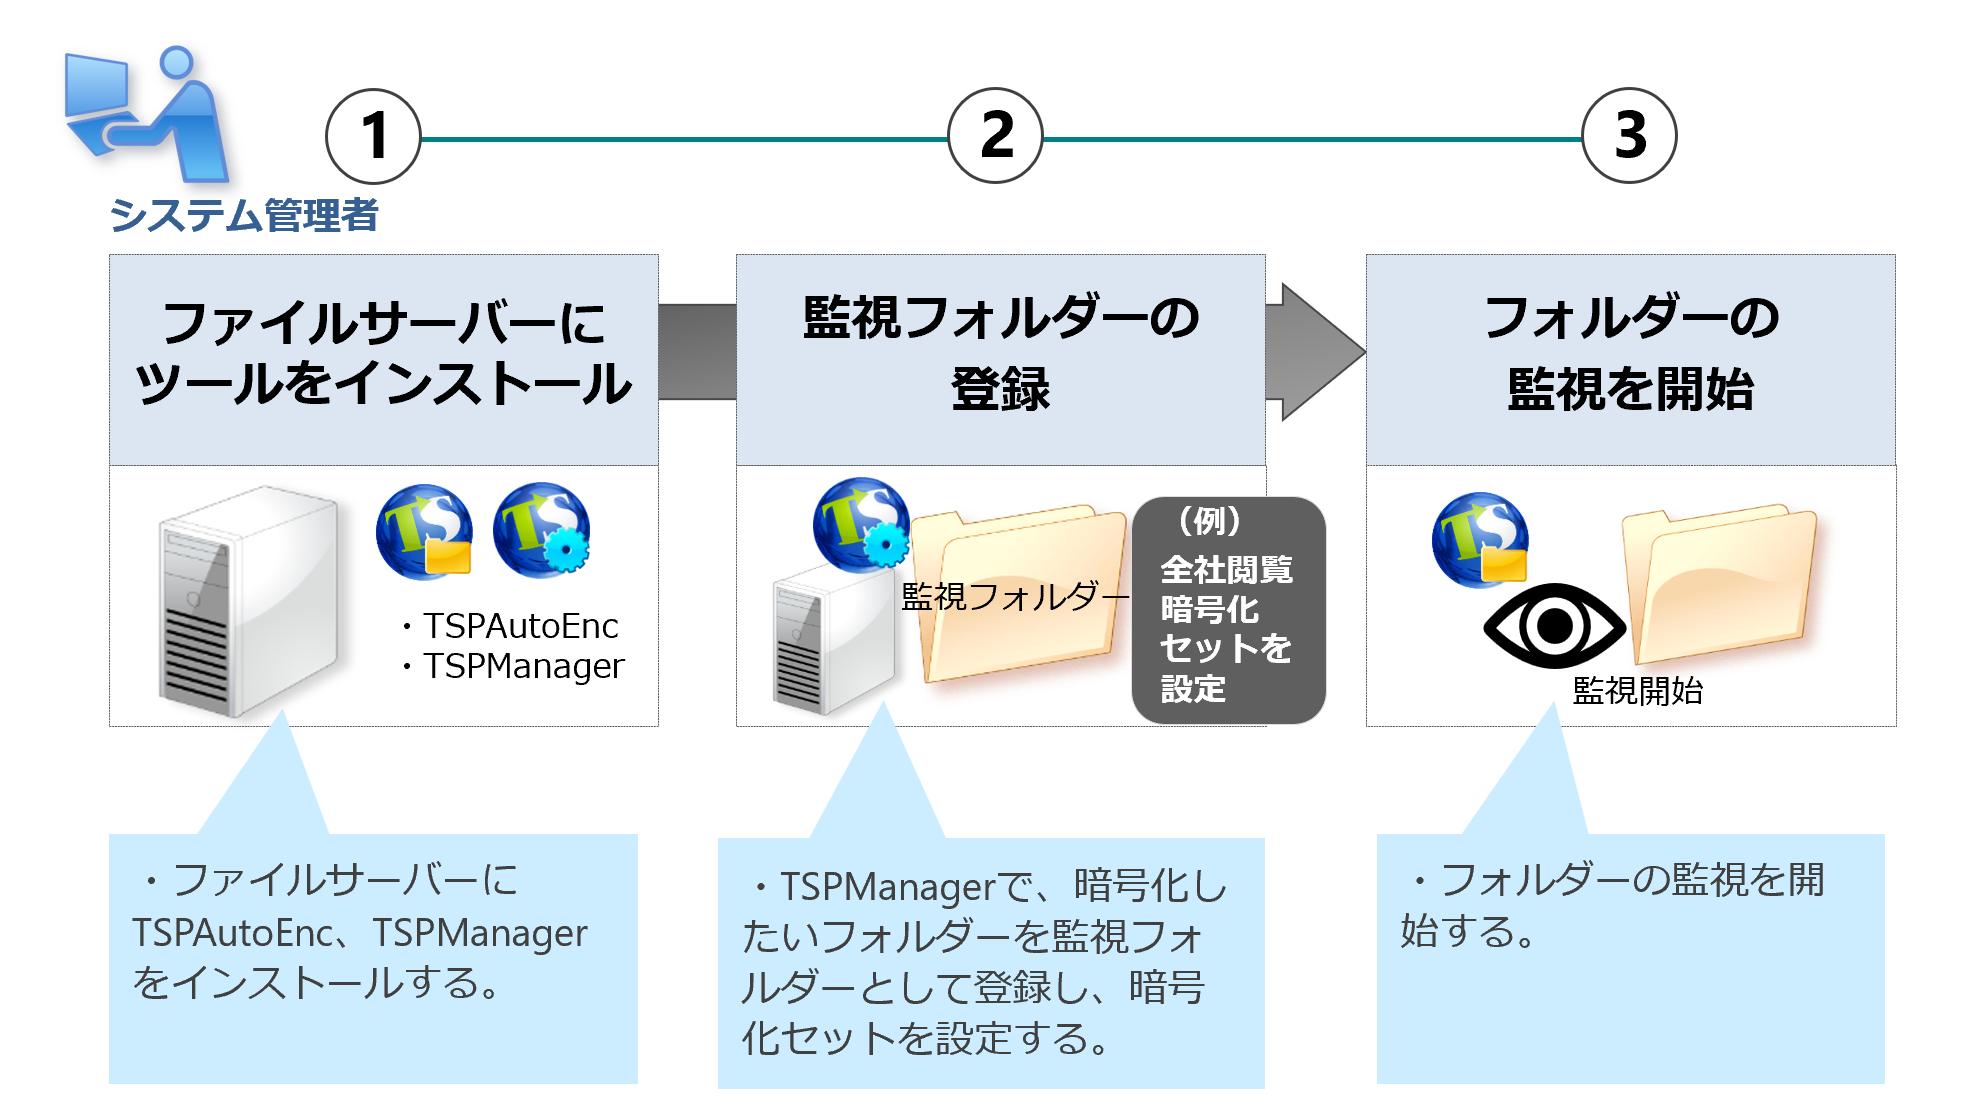 自動暗号化フォルダーの設定(管理者)